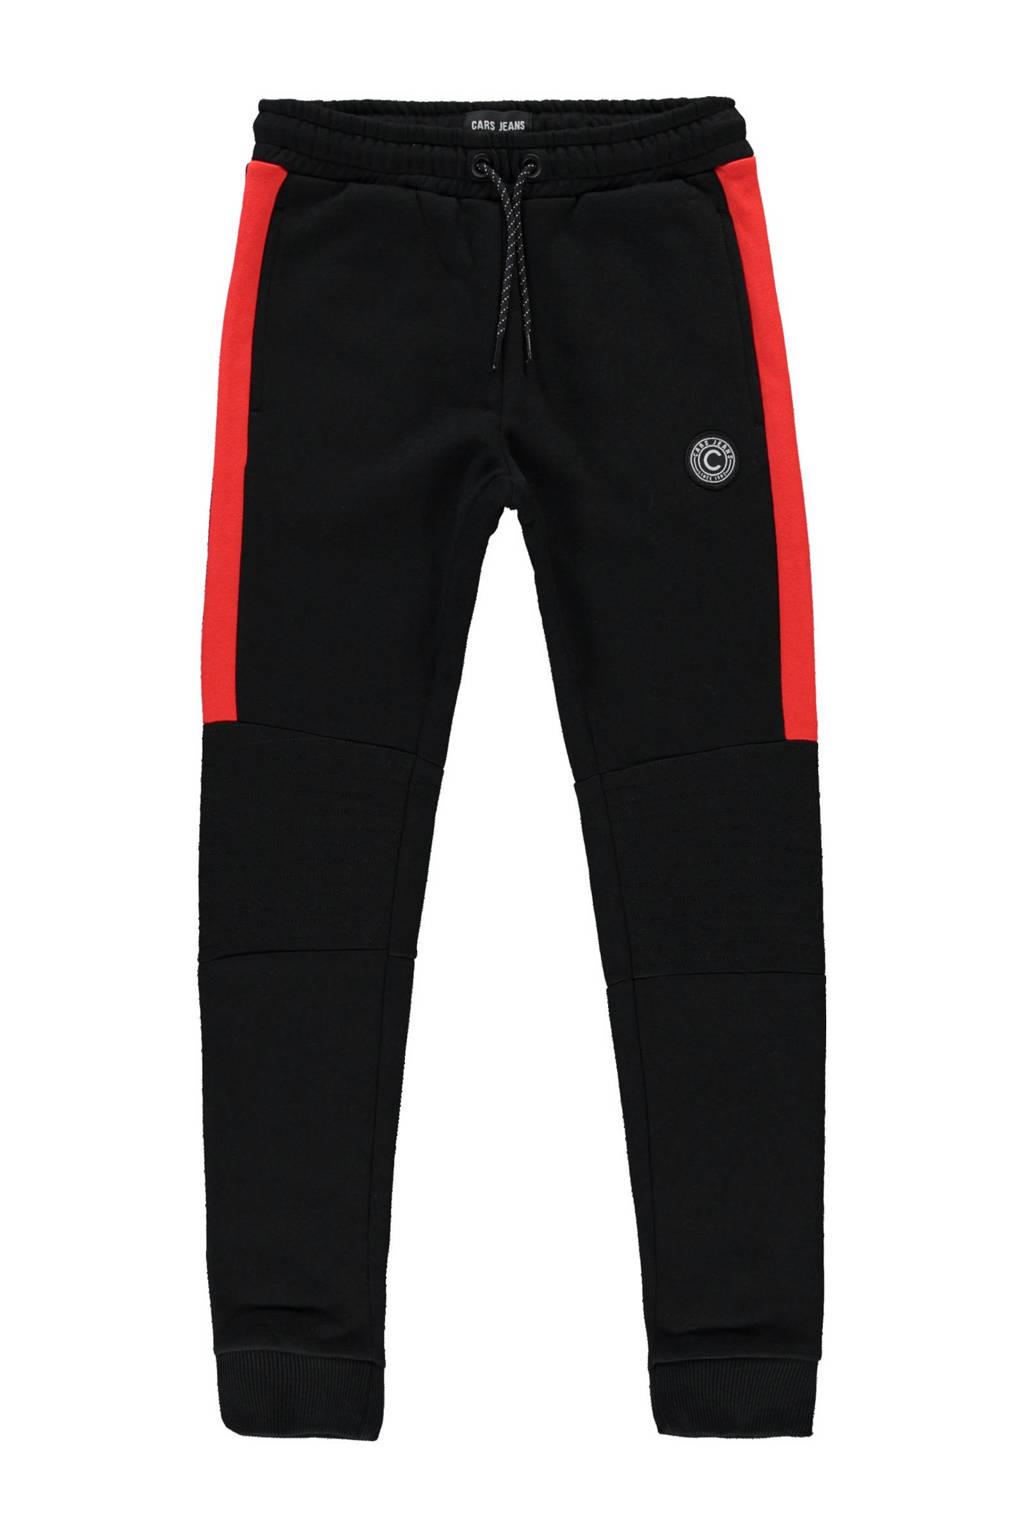 Cars regular fit joggingbroek Hylamm zwart/rood, Zwart/rood